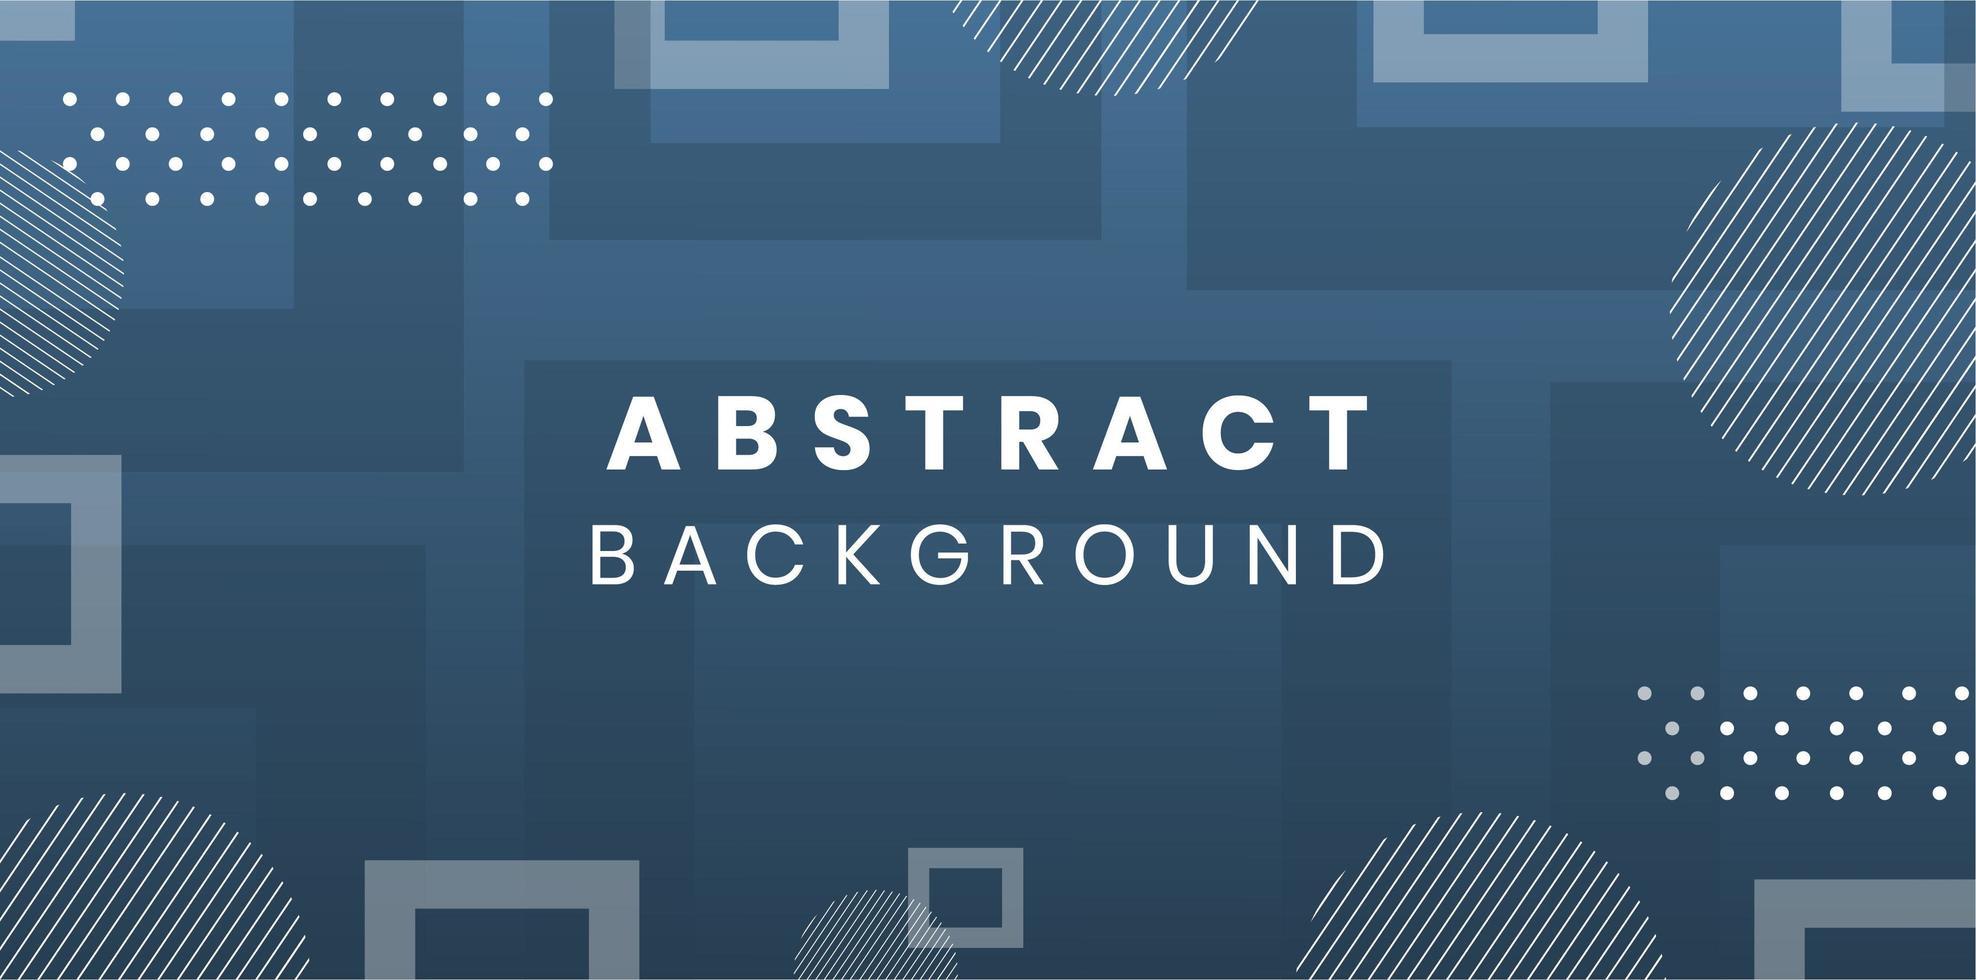 abstrakter polygonaler kreativer Hintergrund vektor